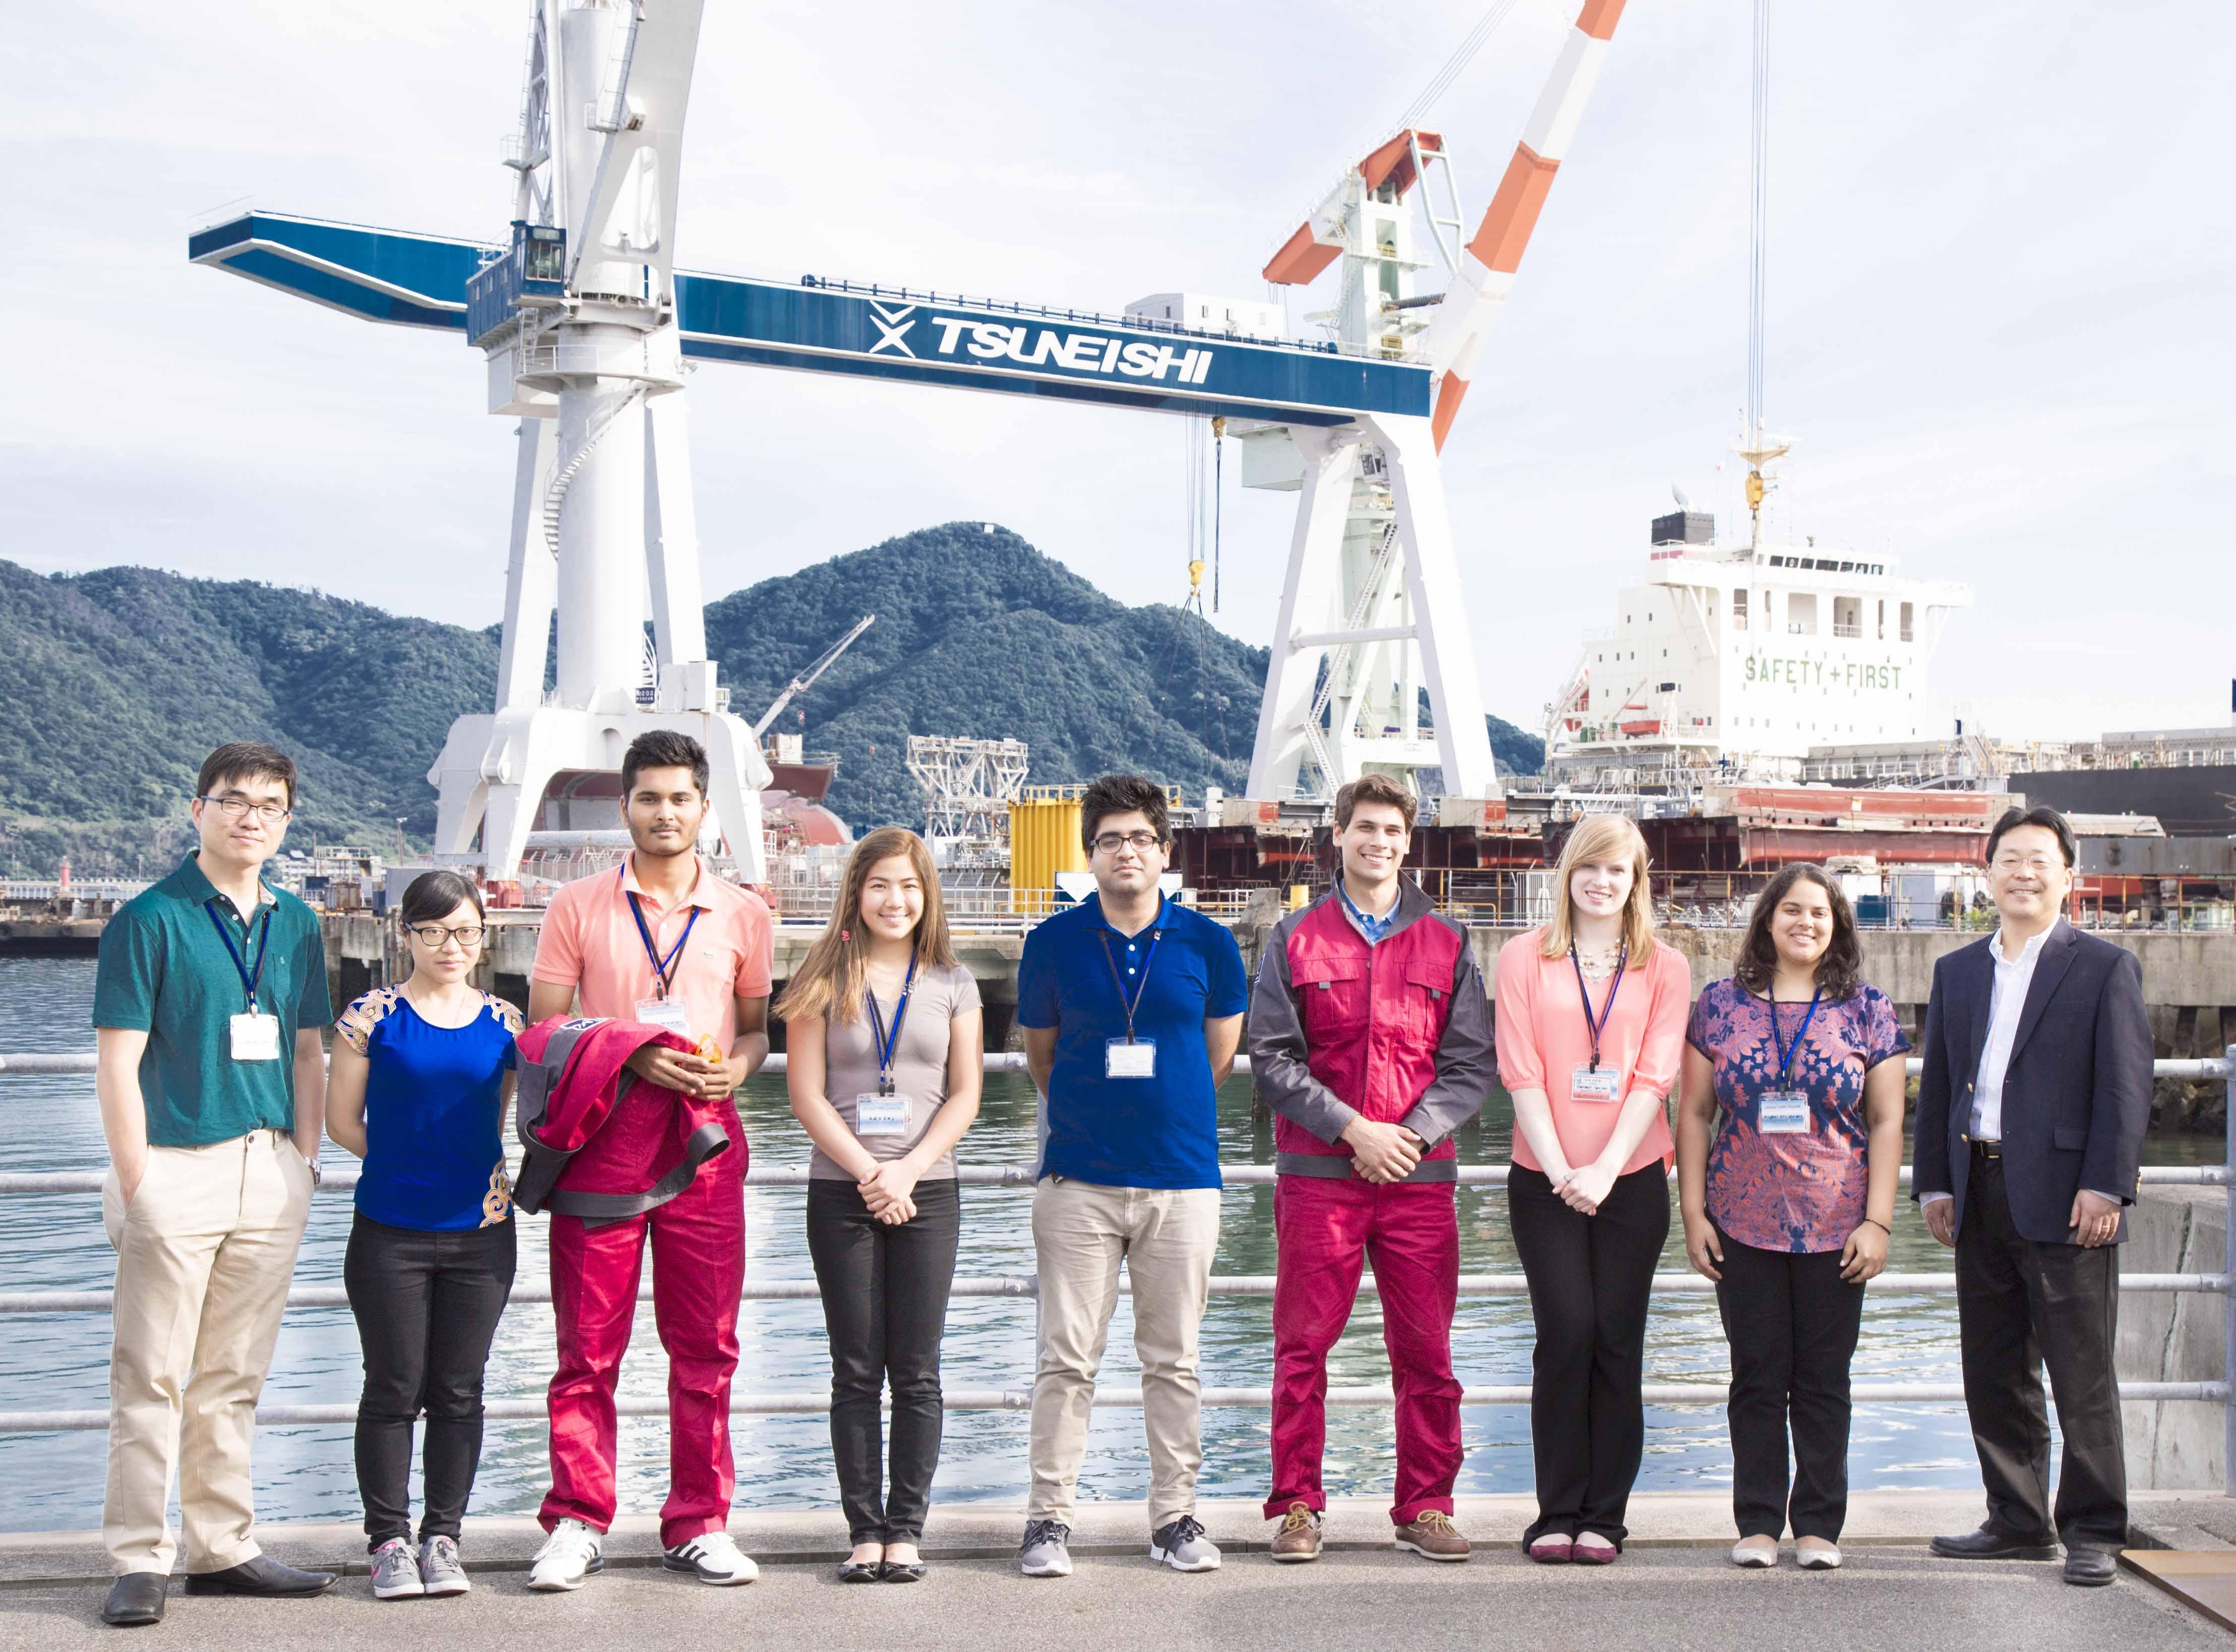 常石造船 カーネギーメロン大学のインターンシップ生を受け入れ